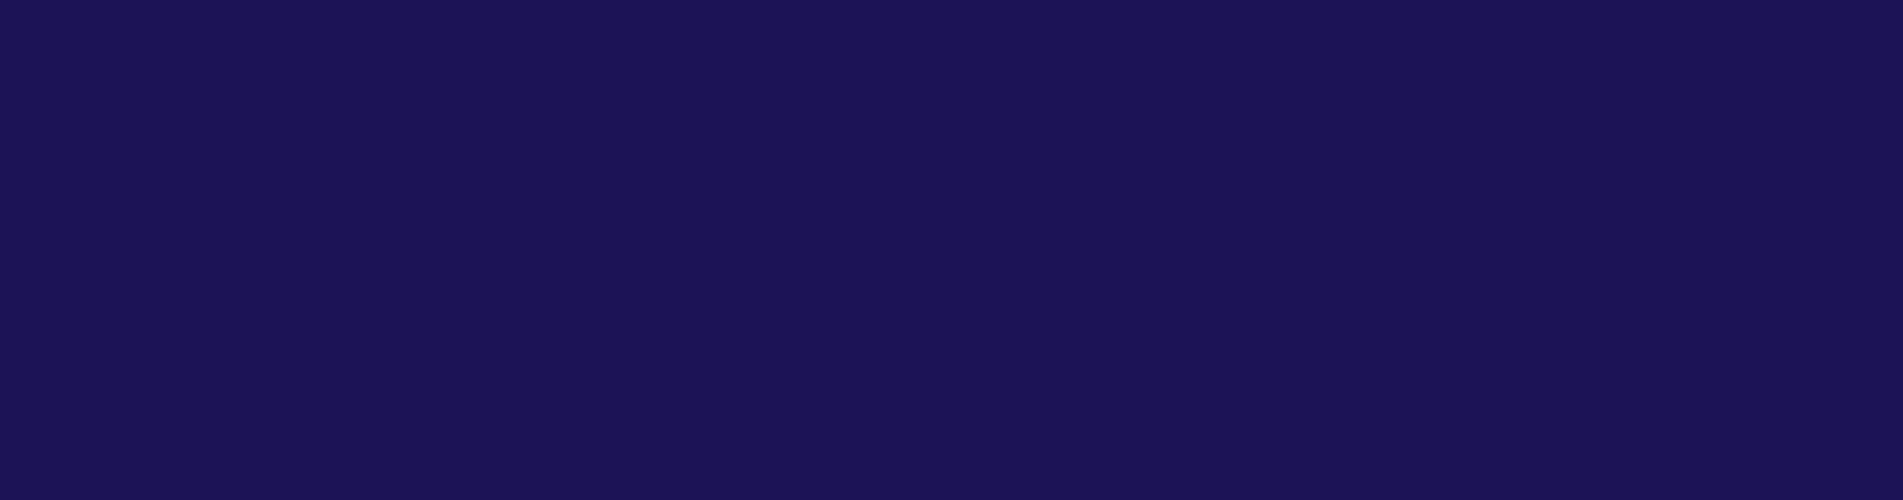 skydive5.jpg